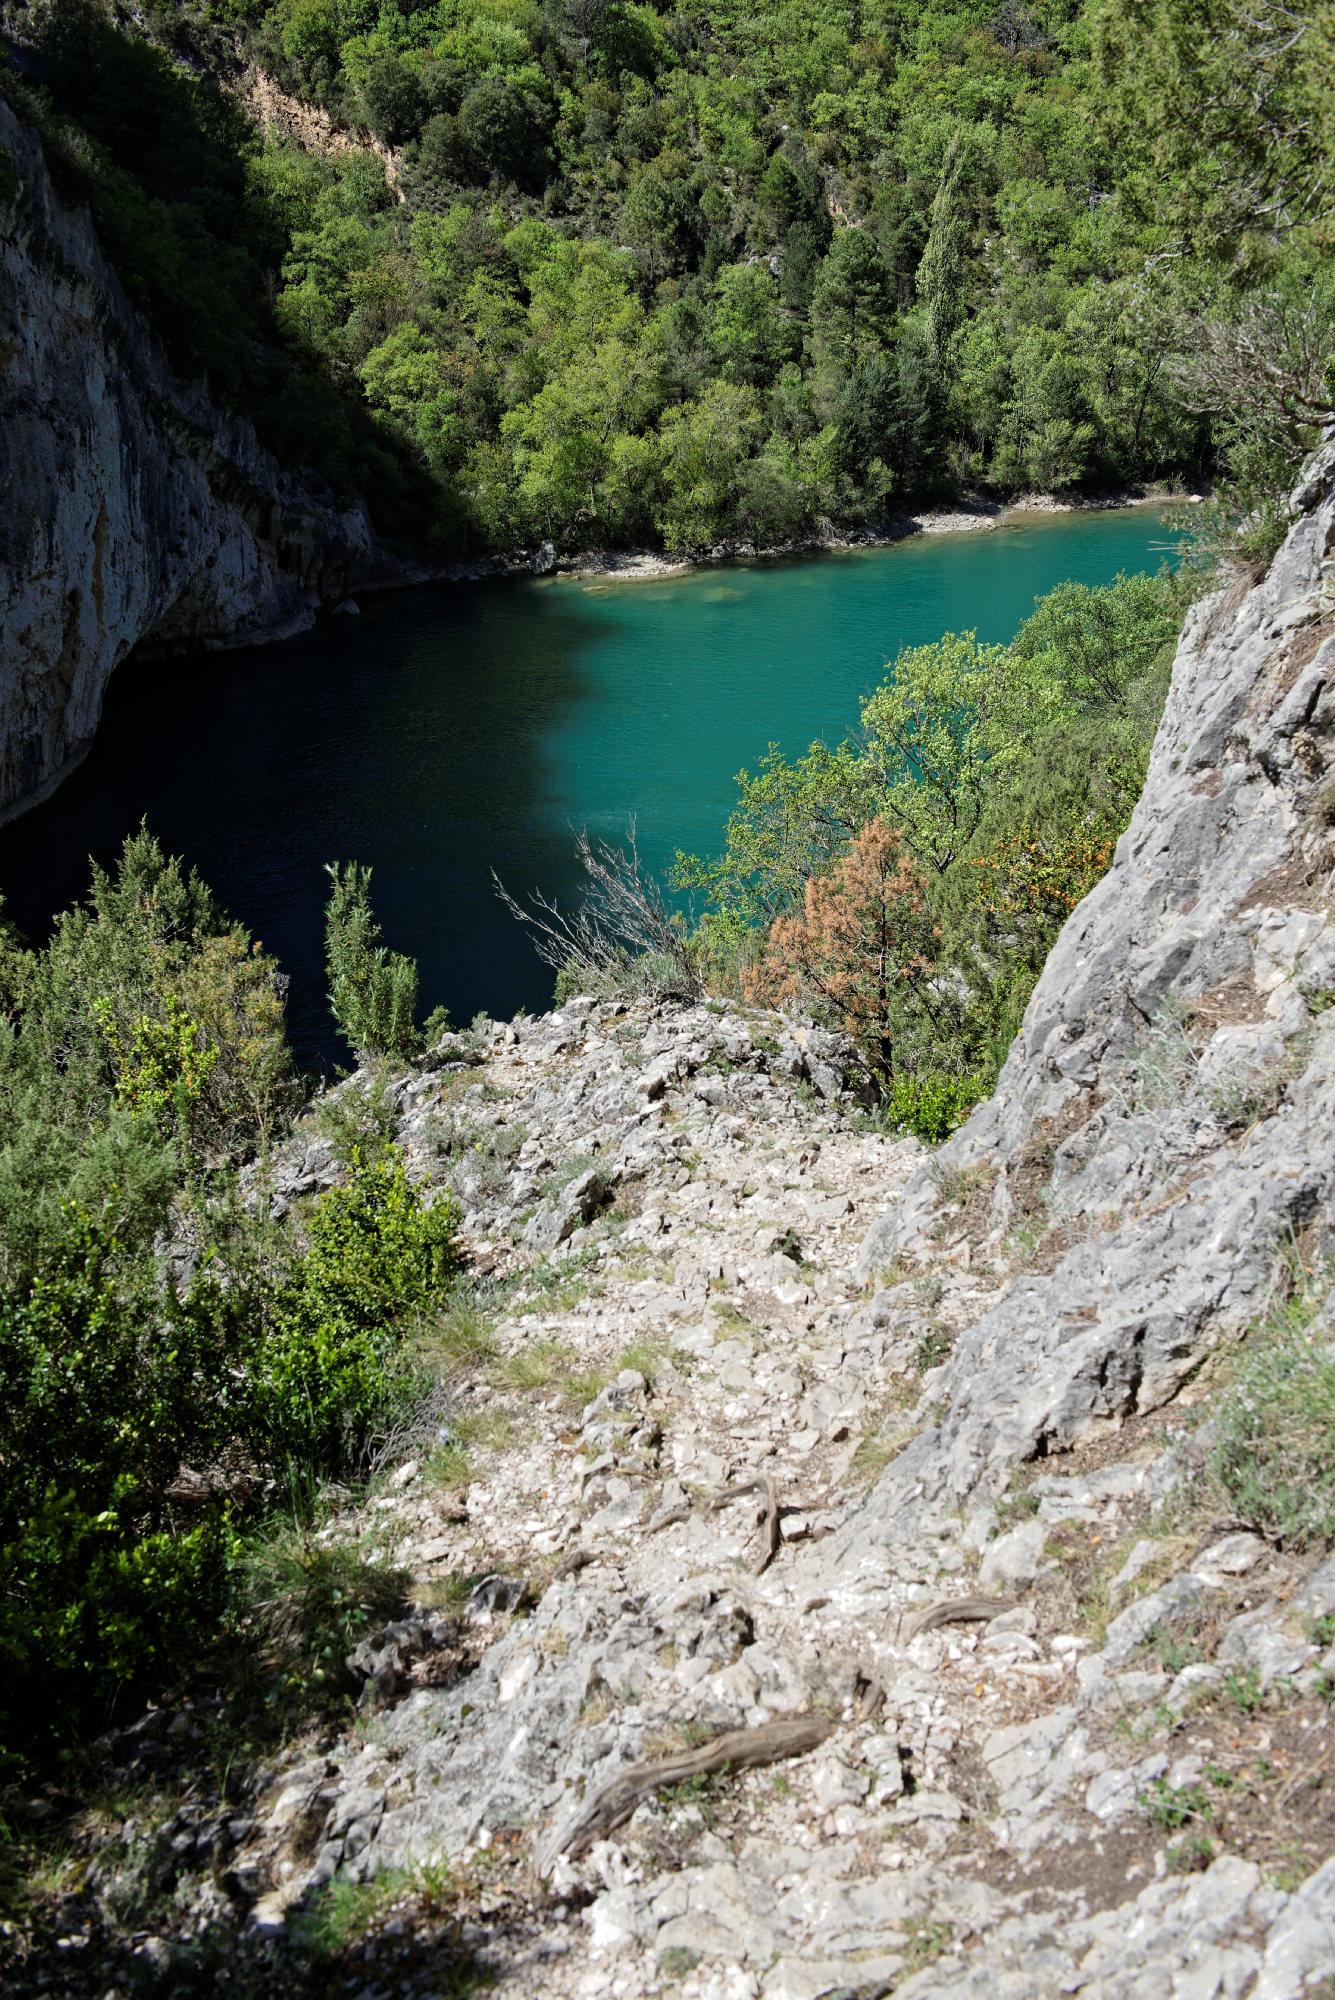 150428-Lac Mediano - Chateau Samitier - Liguerre de Cinca (Sobrarbe) (157)